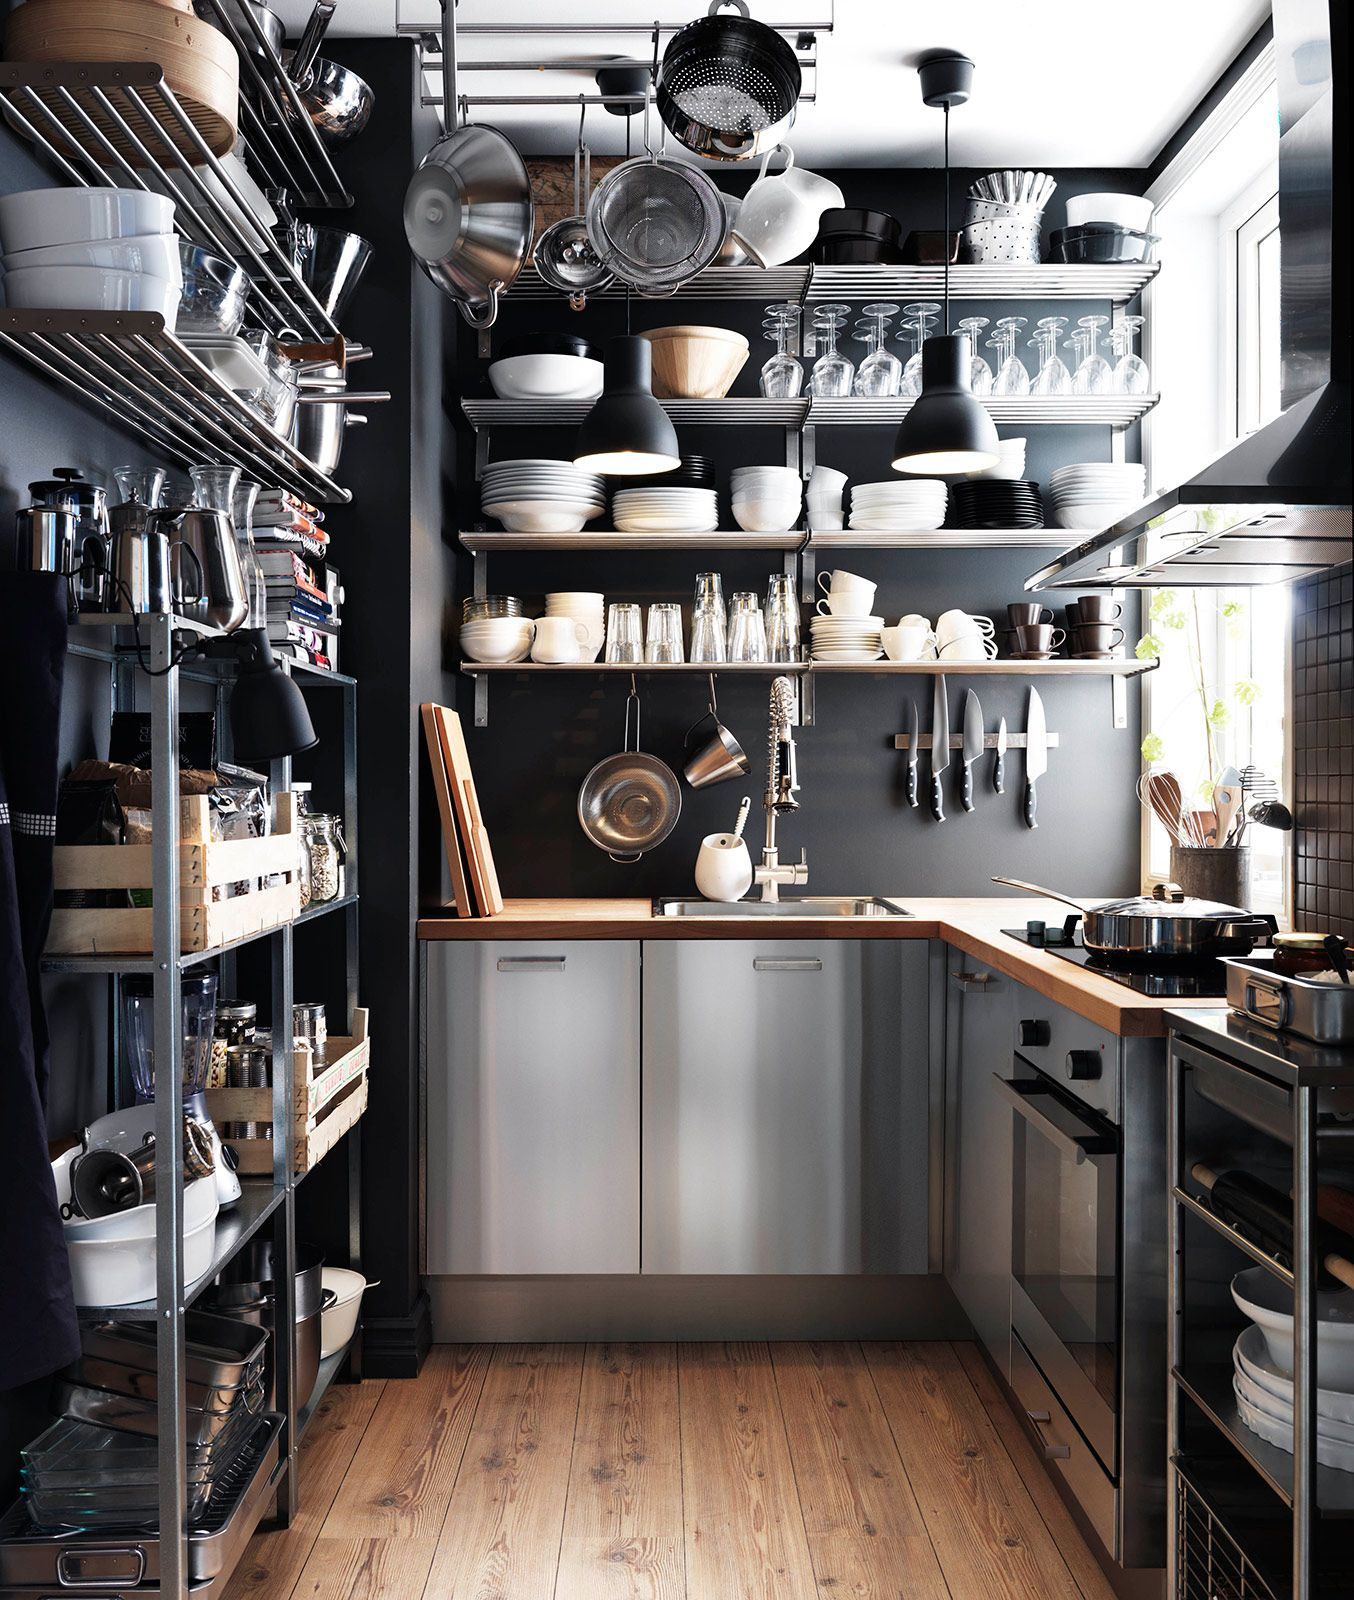 Best Mobili Cucina Ikea Credenza Acciaio Pictures - Ideas & Design ...